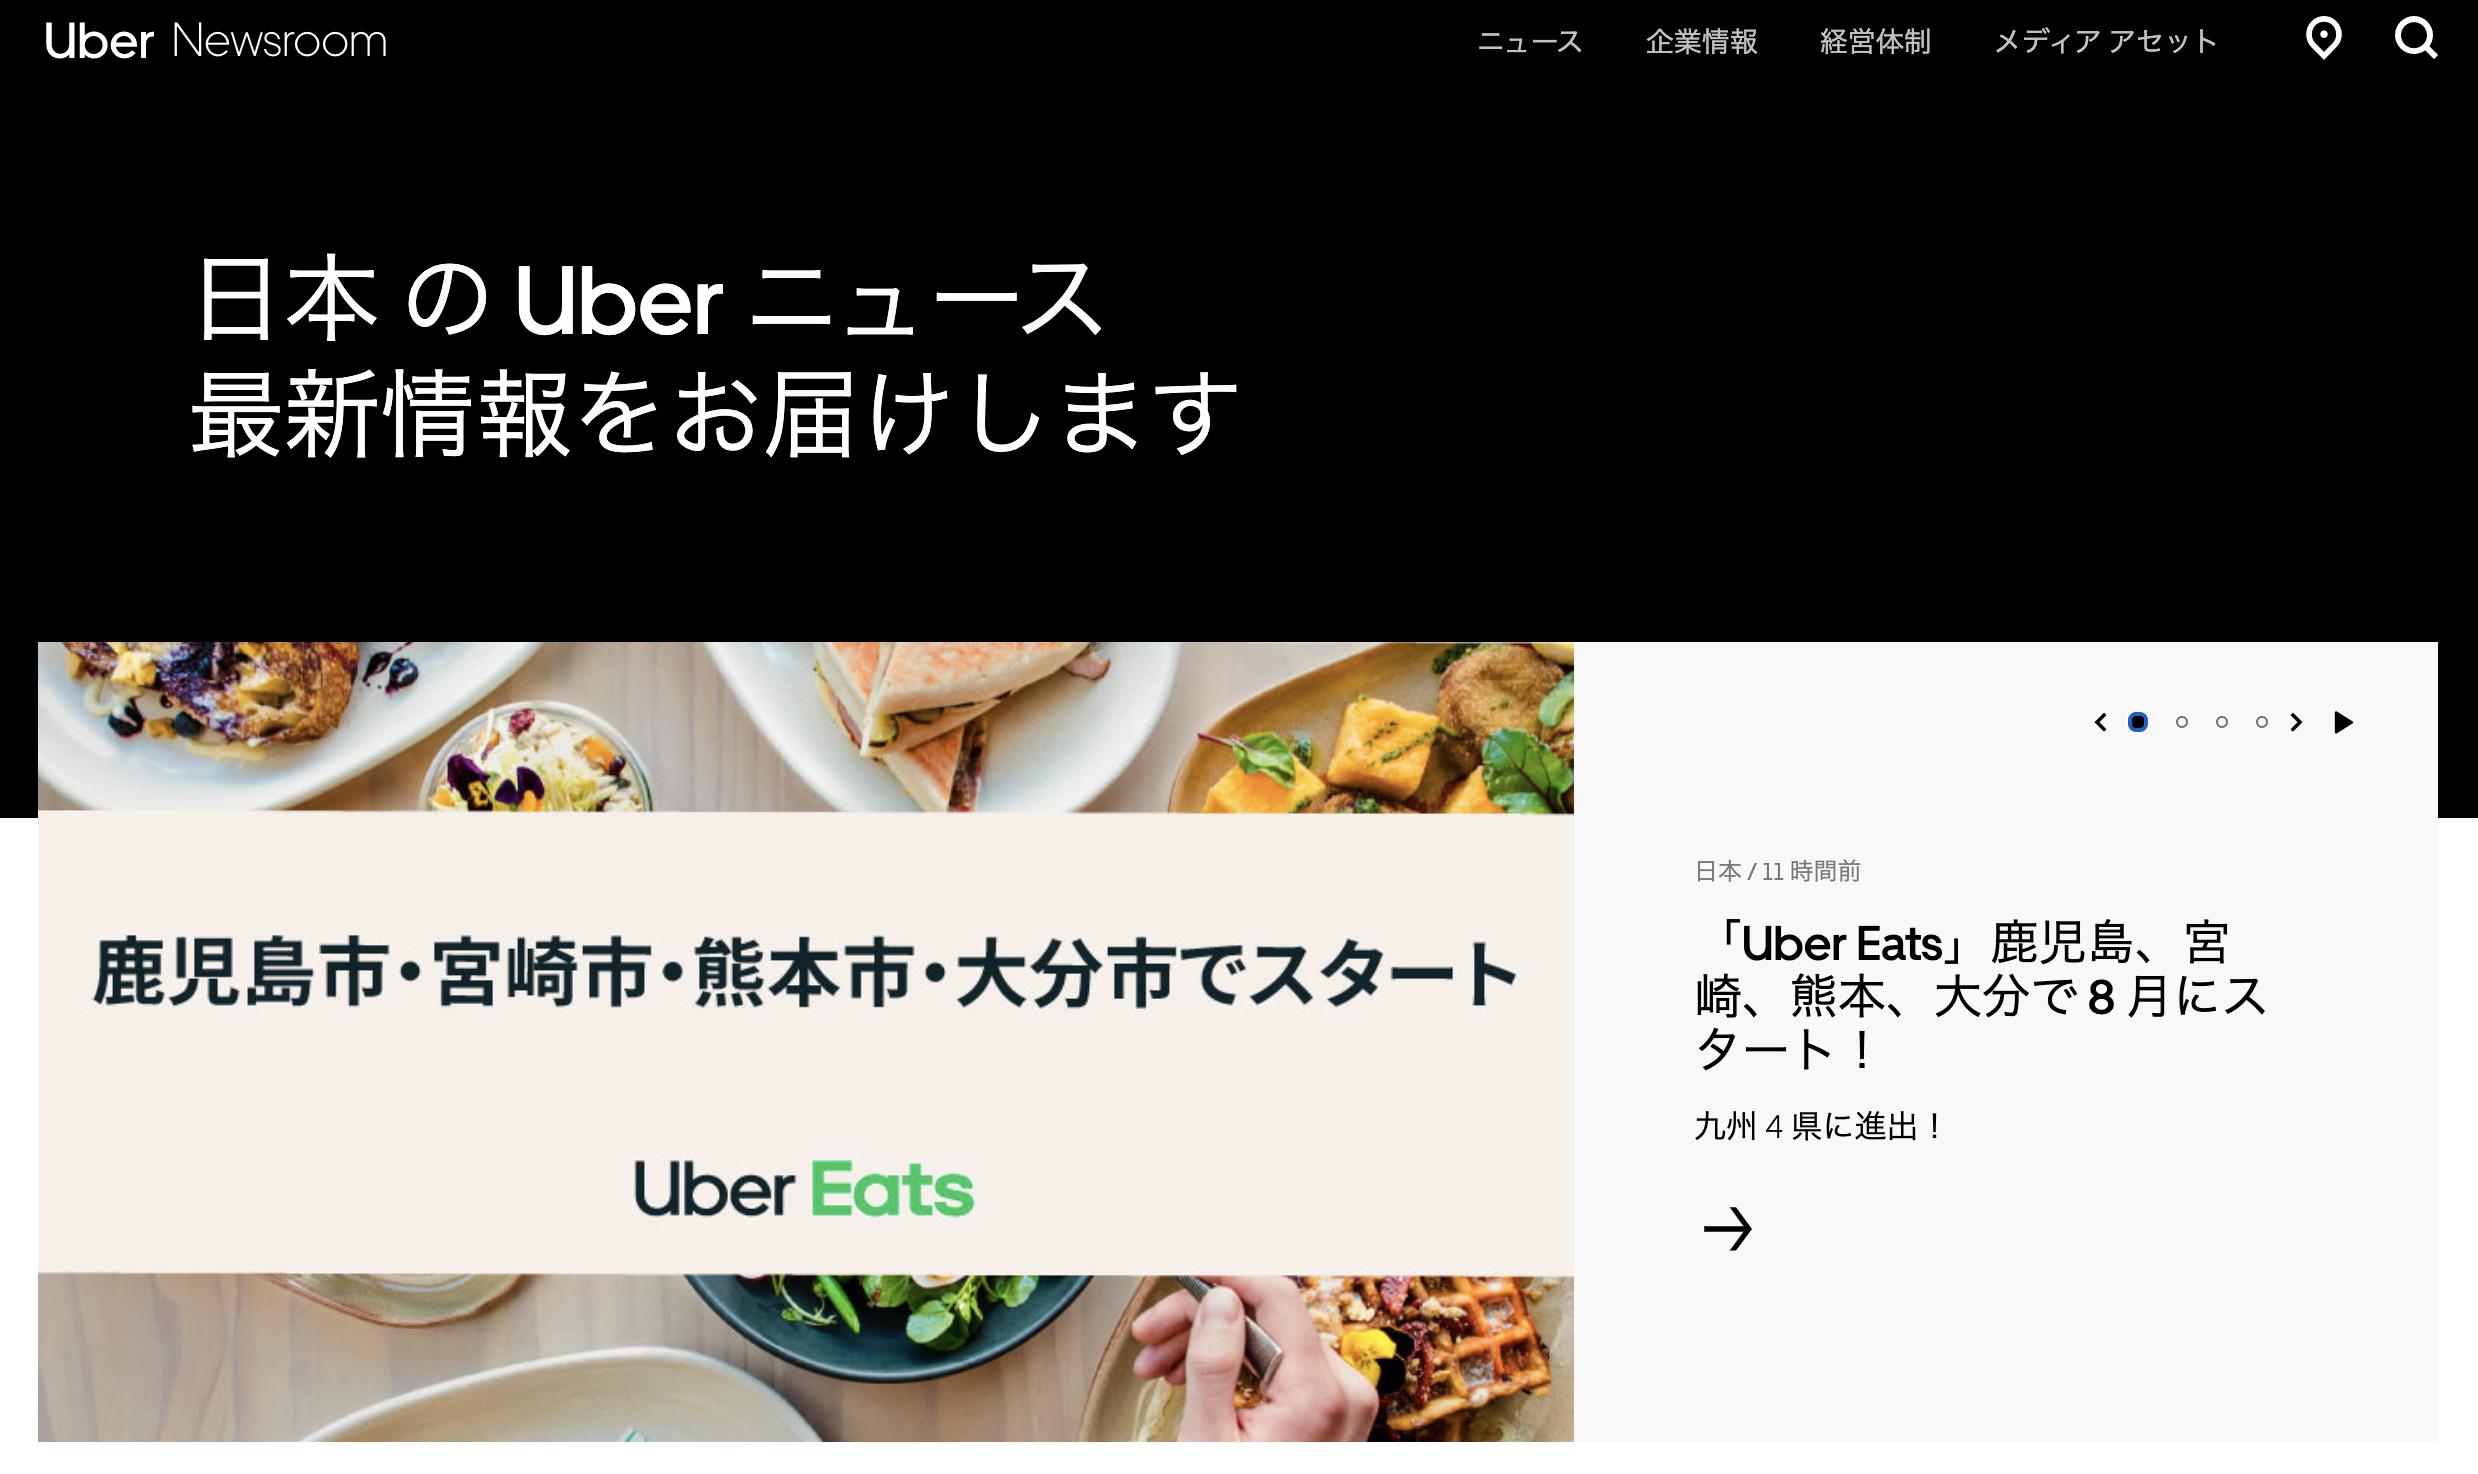 鹿児島 uber eats